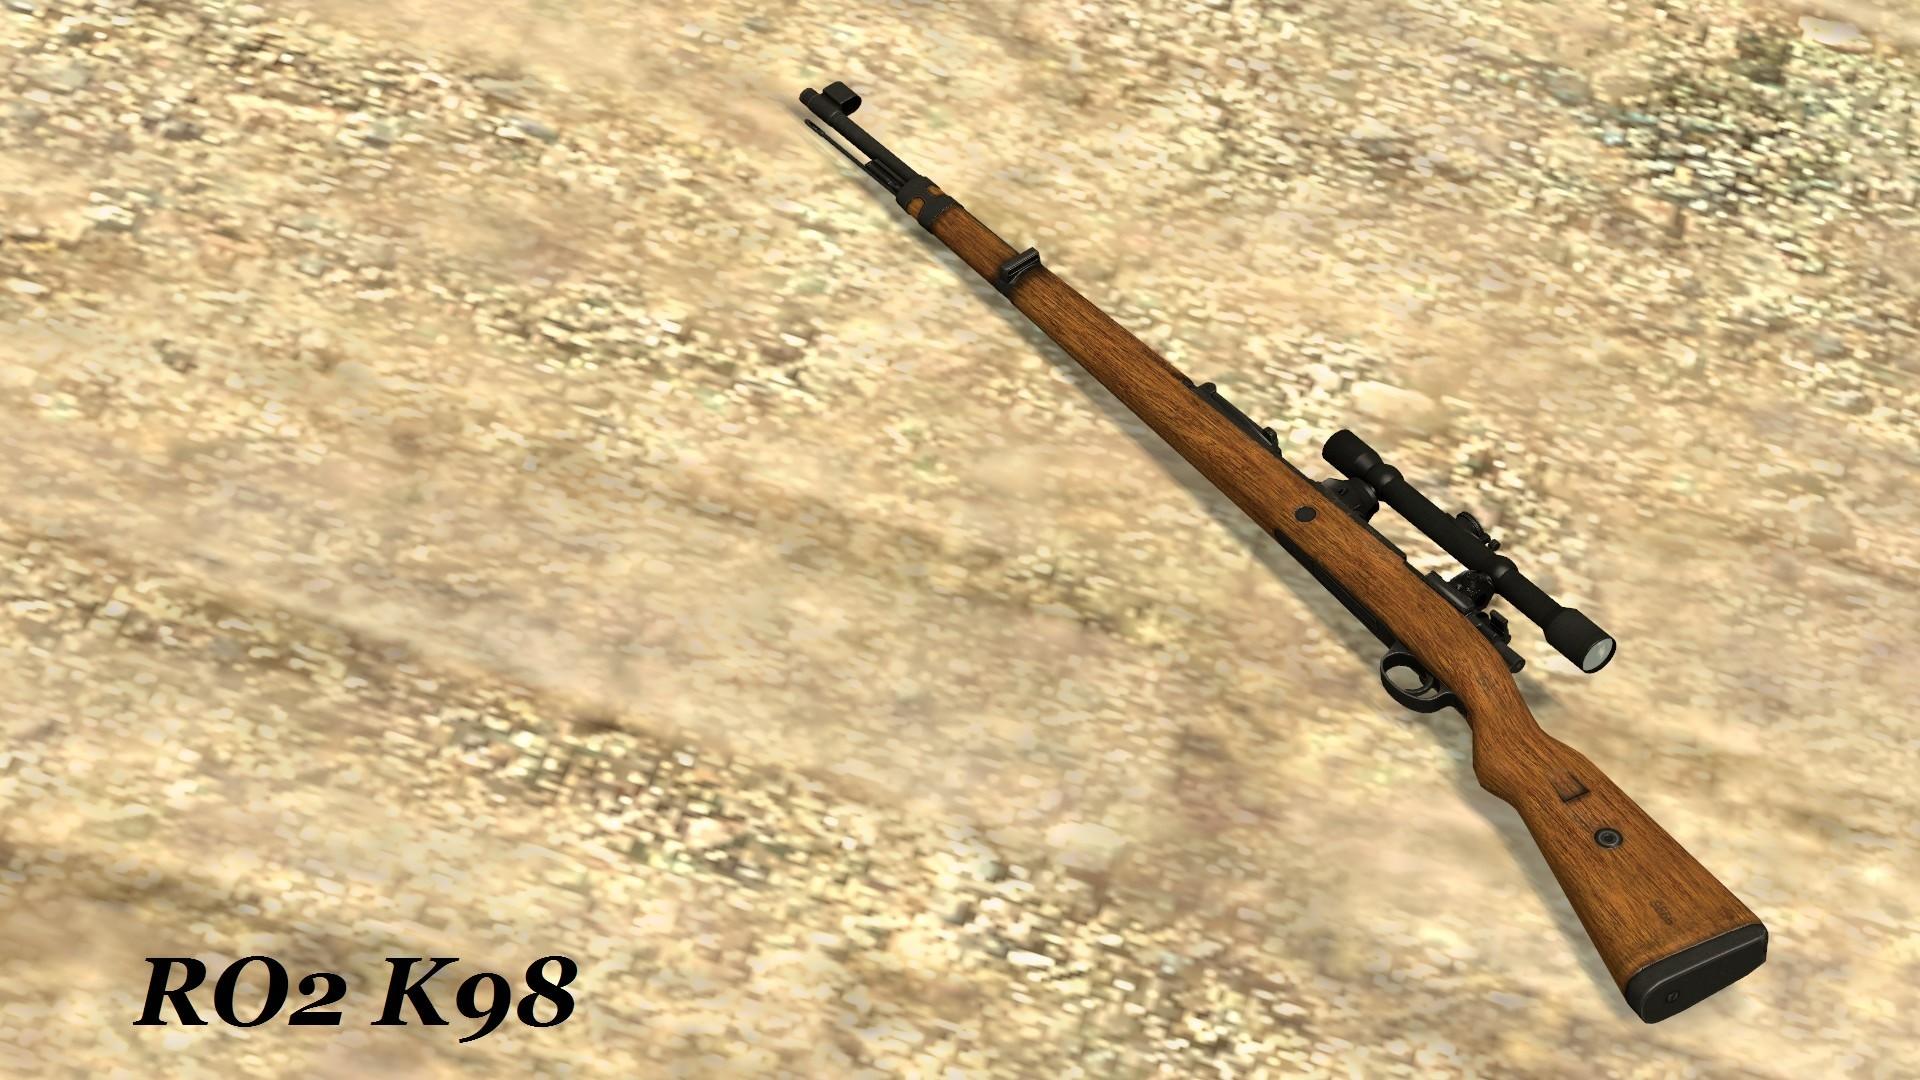 دانلود اسکین Awp | RO2 K98 برای کانتر سورس